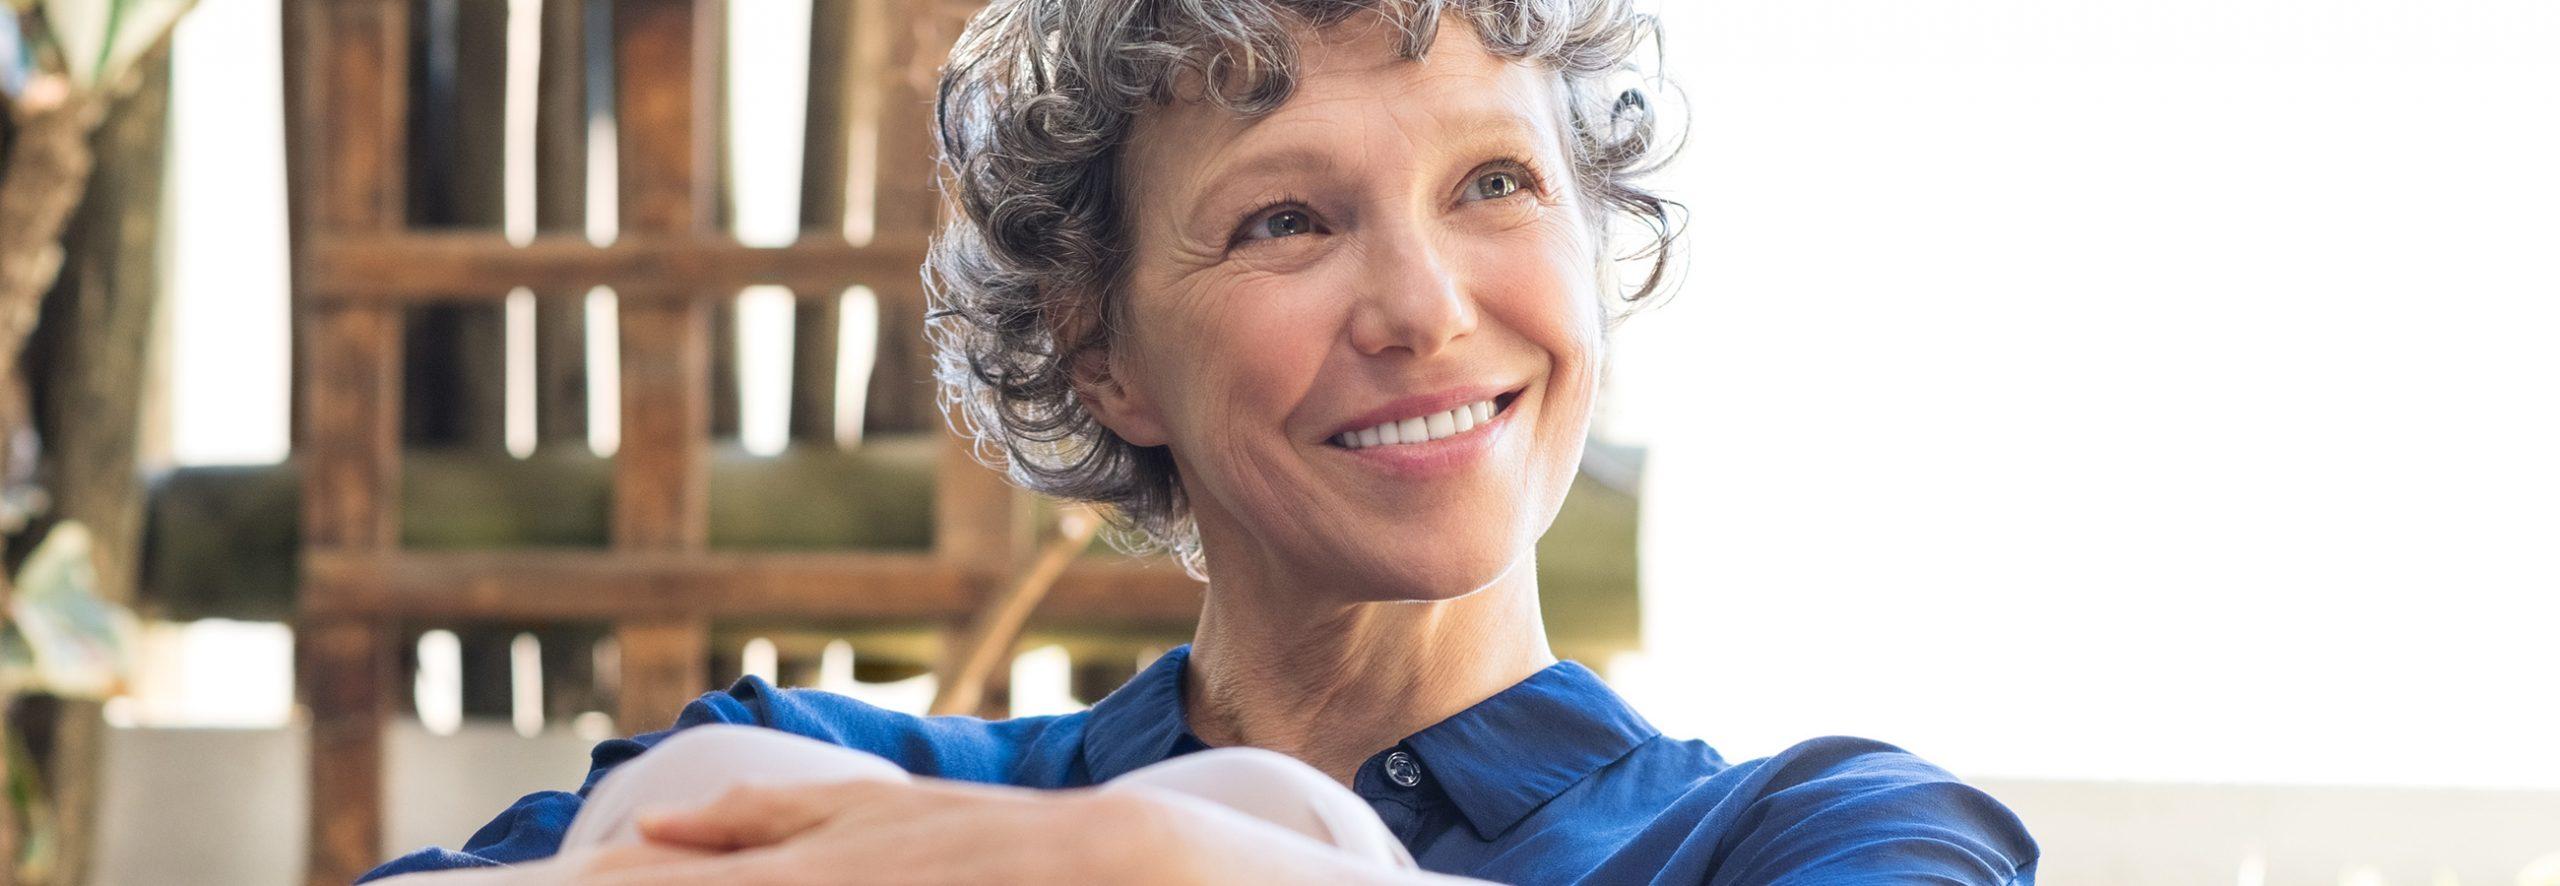 Frau lächelt mit Keramikimplantaten gesund und schön.